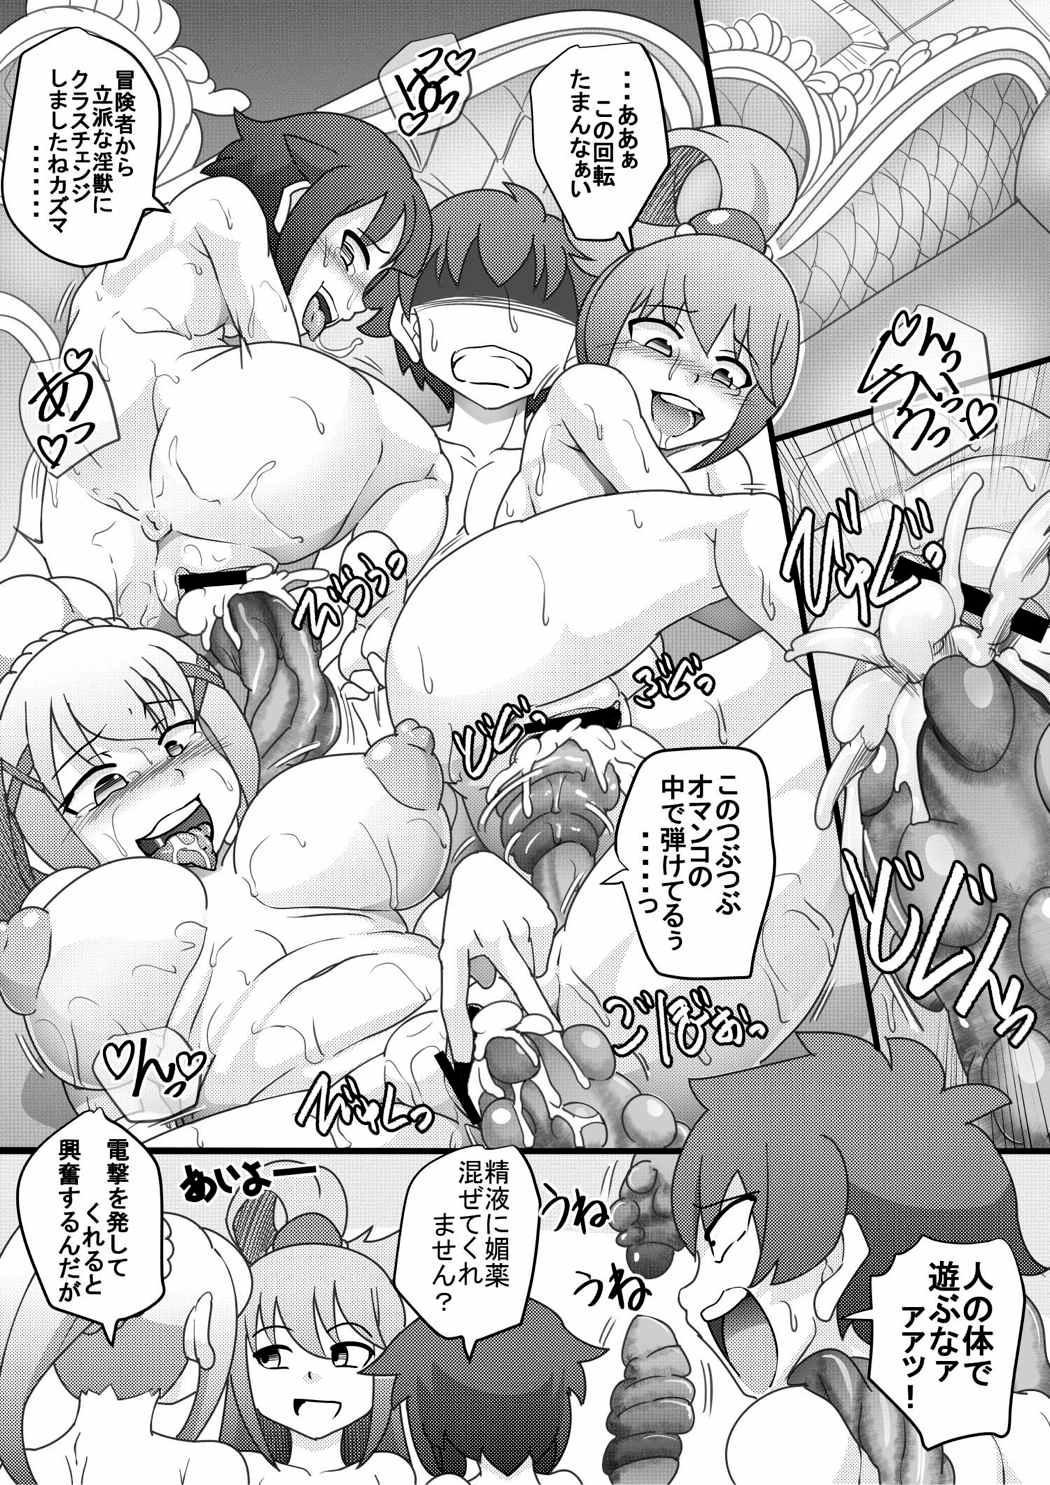 Kono Nikutasarashii Masudomoni Oshioki o! 25